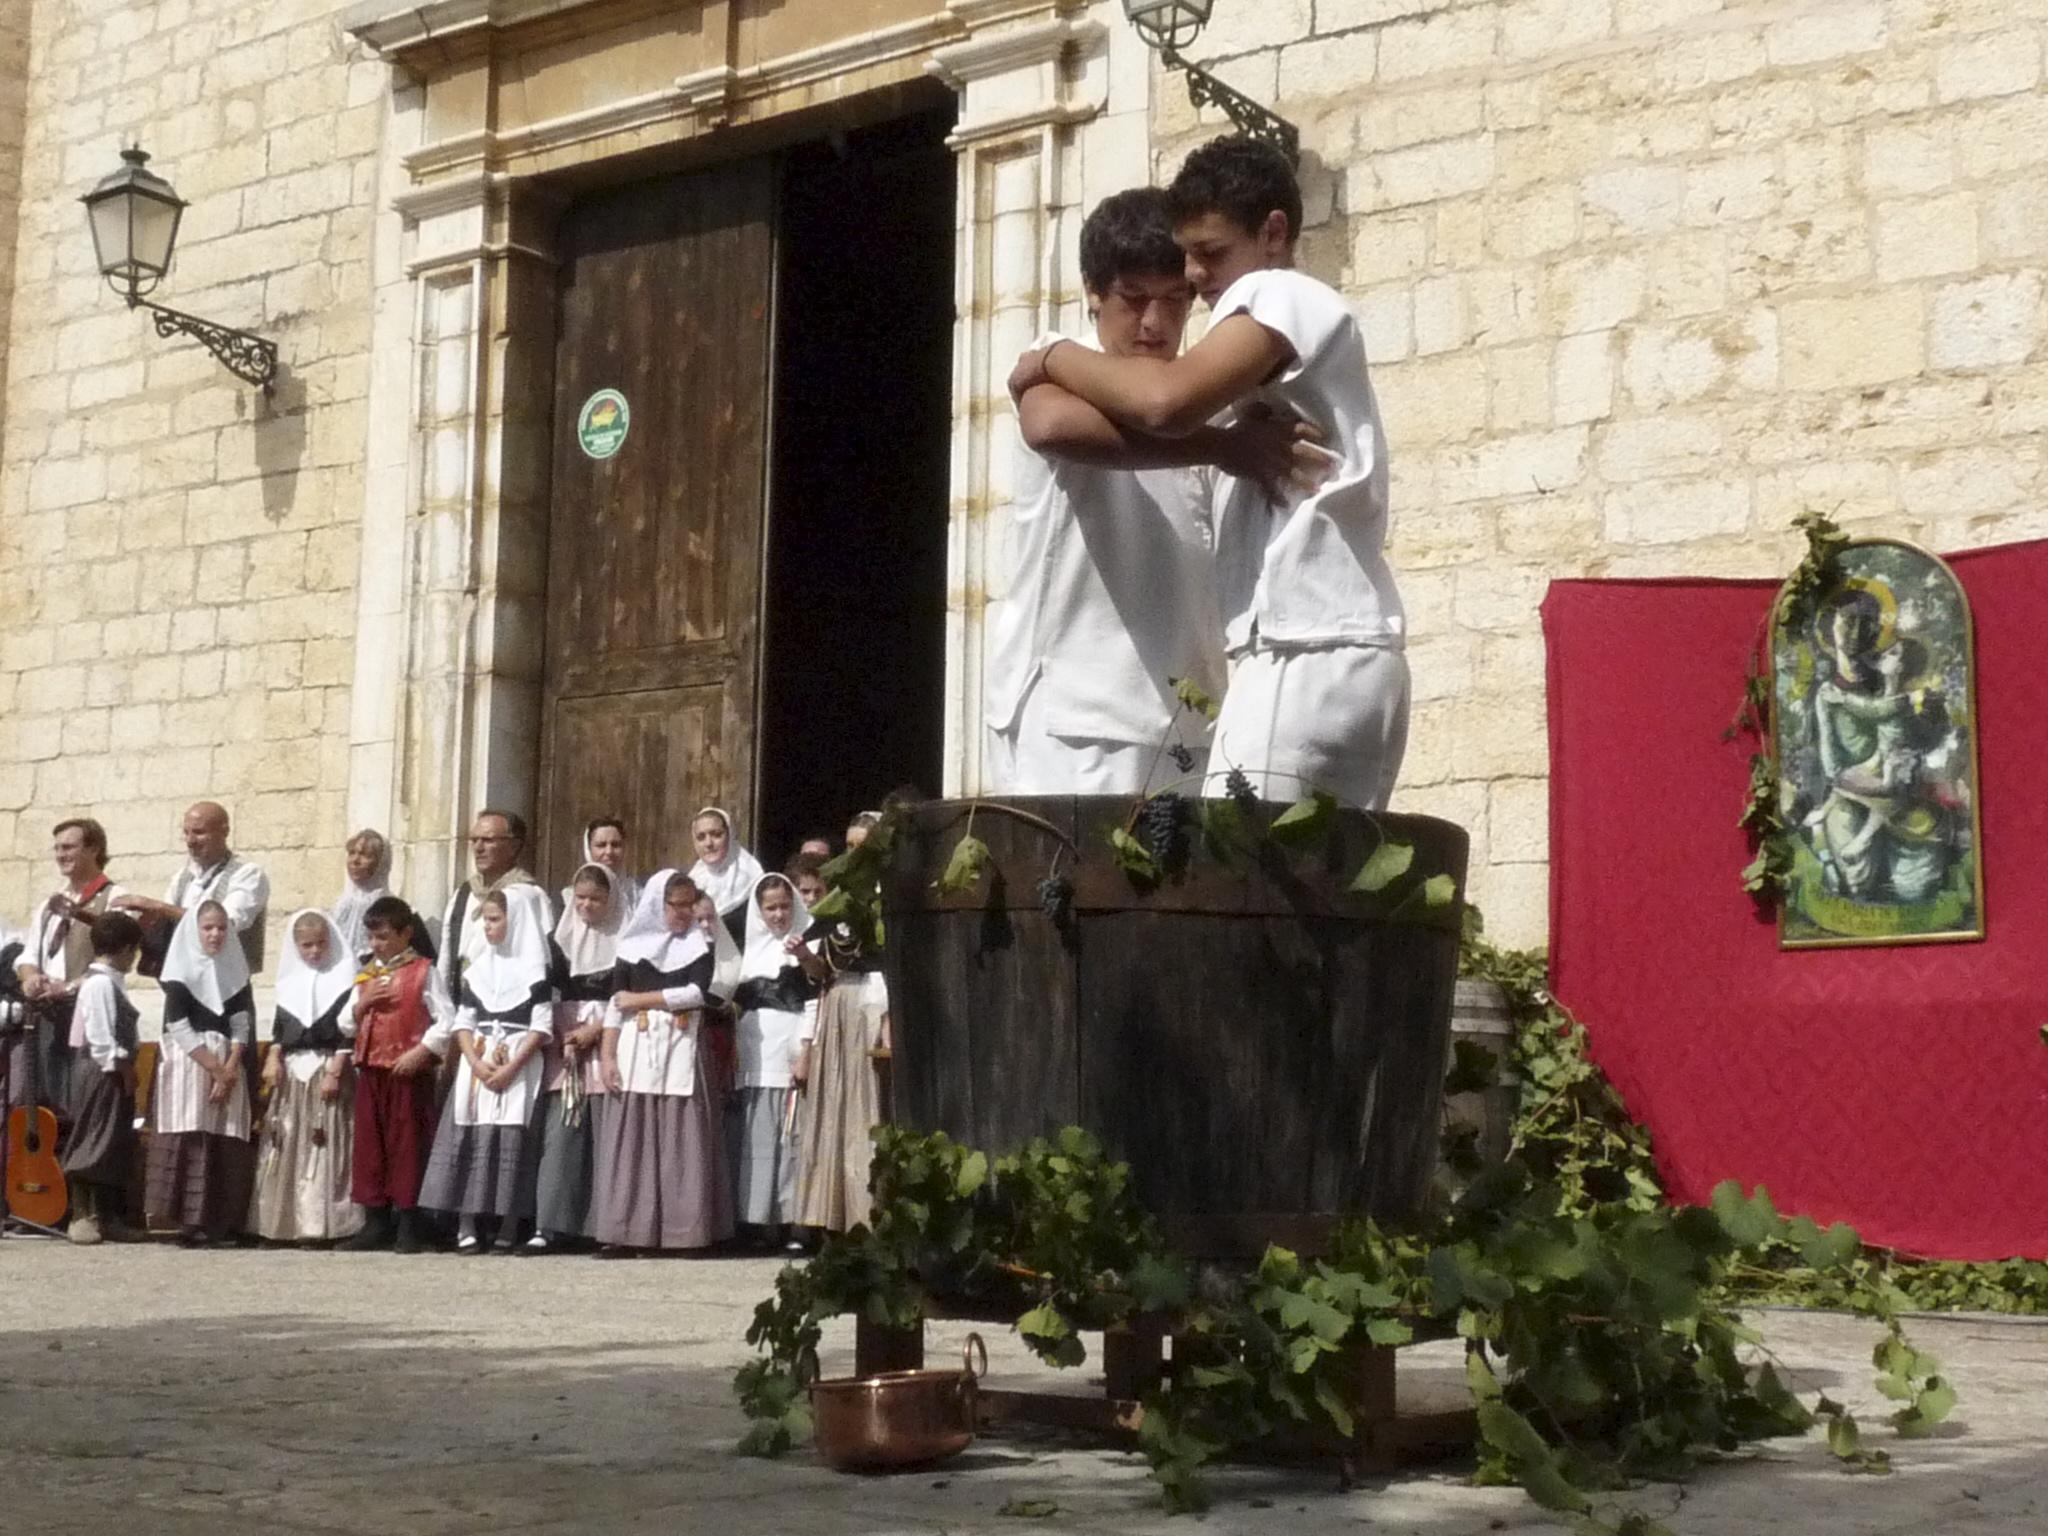 BINISSALEM. FIESTAS PUEBLOS. BINISSALEM VIVE SU DIA GRANDE QUE PONE FIN A LA FESTA DES VERMAR 2009.